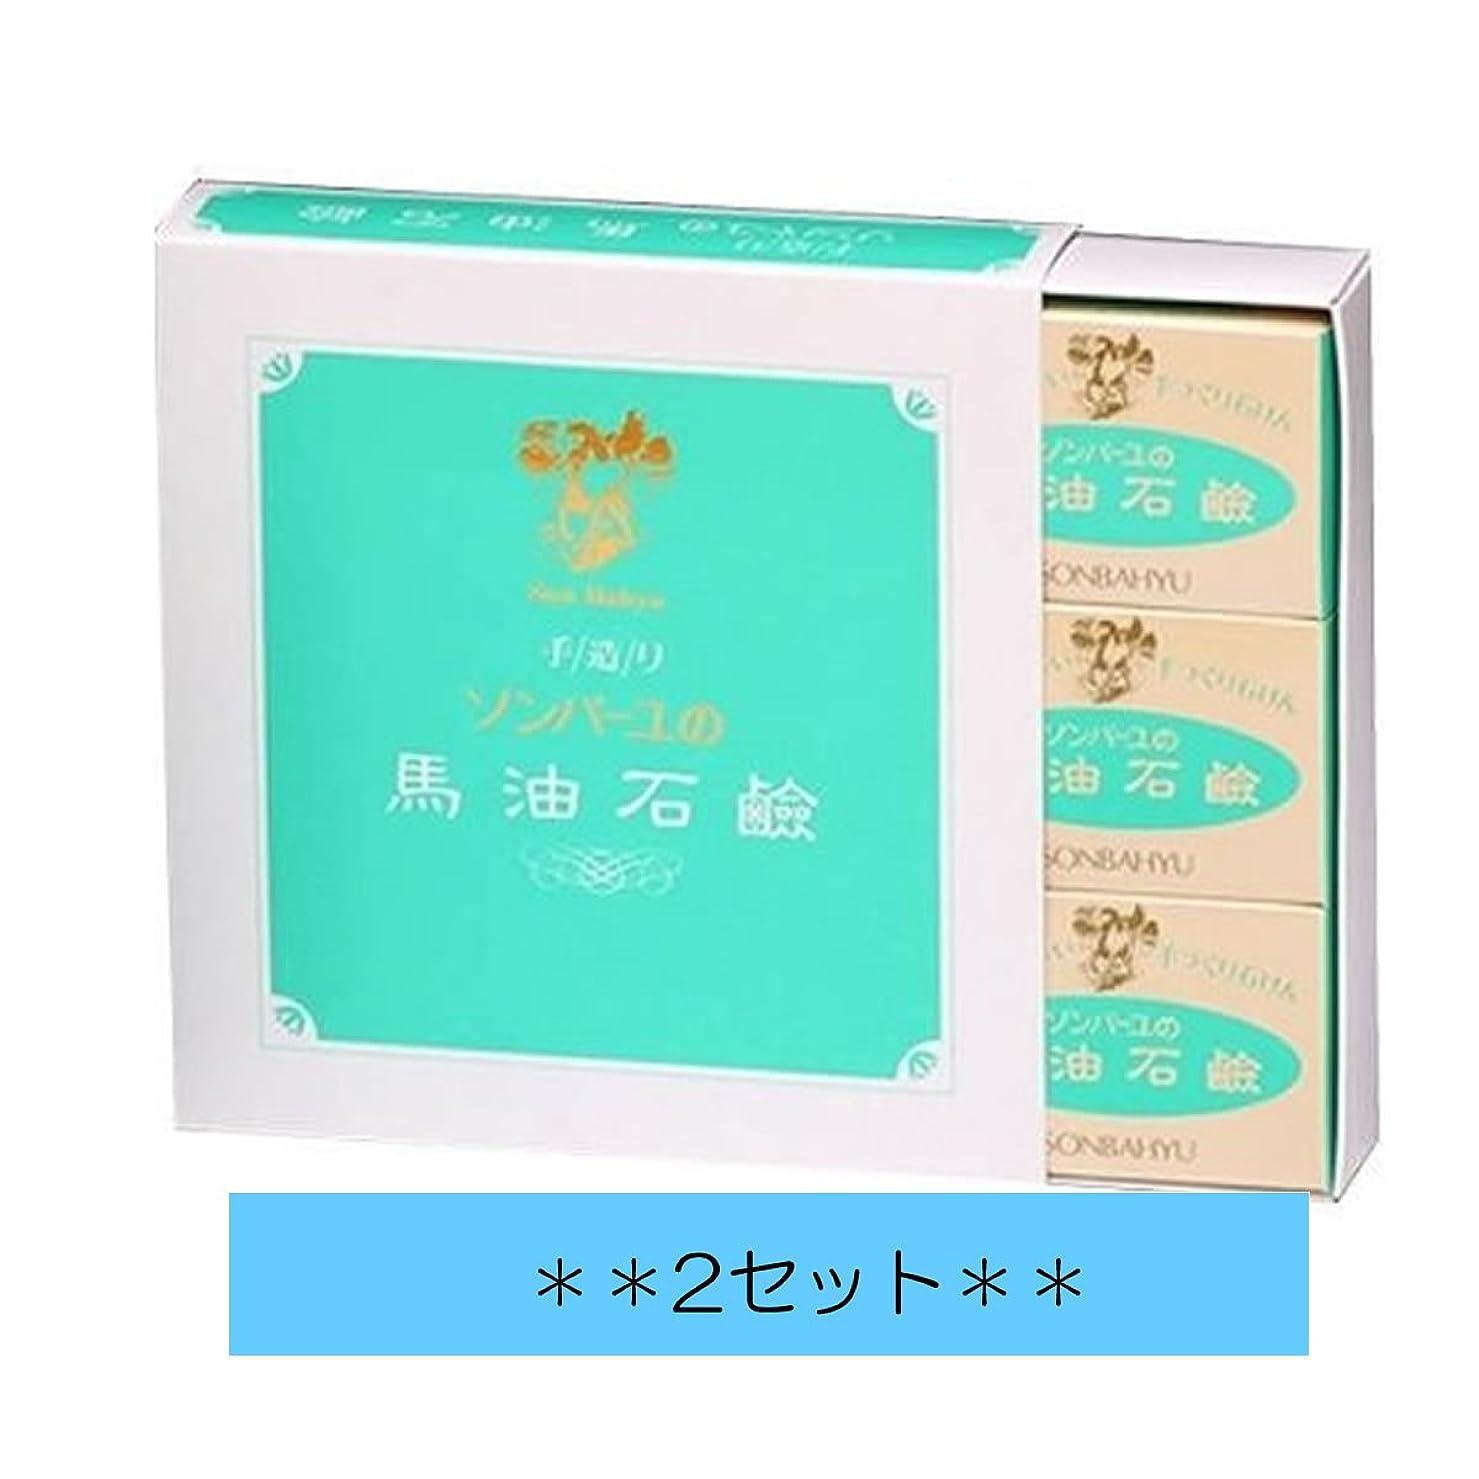 ドア動物単調な【2箱セット】ソンバーユ石鹸 85g×6個